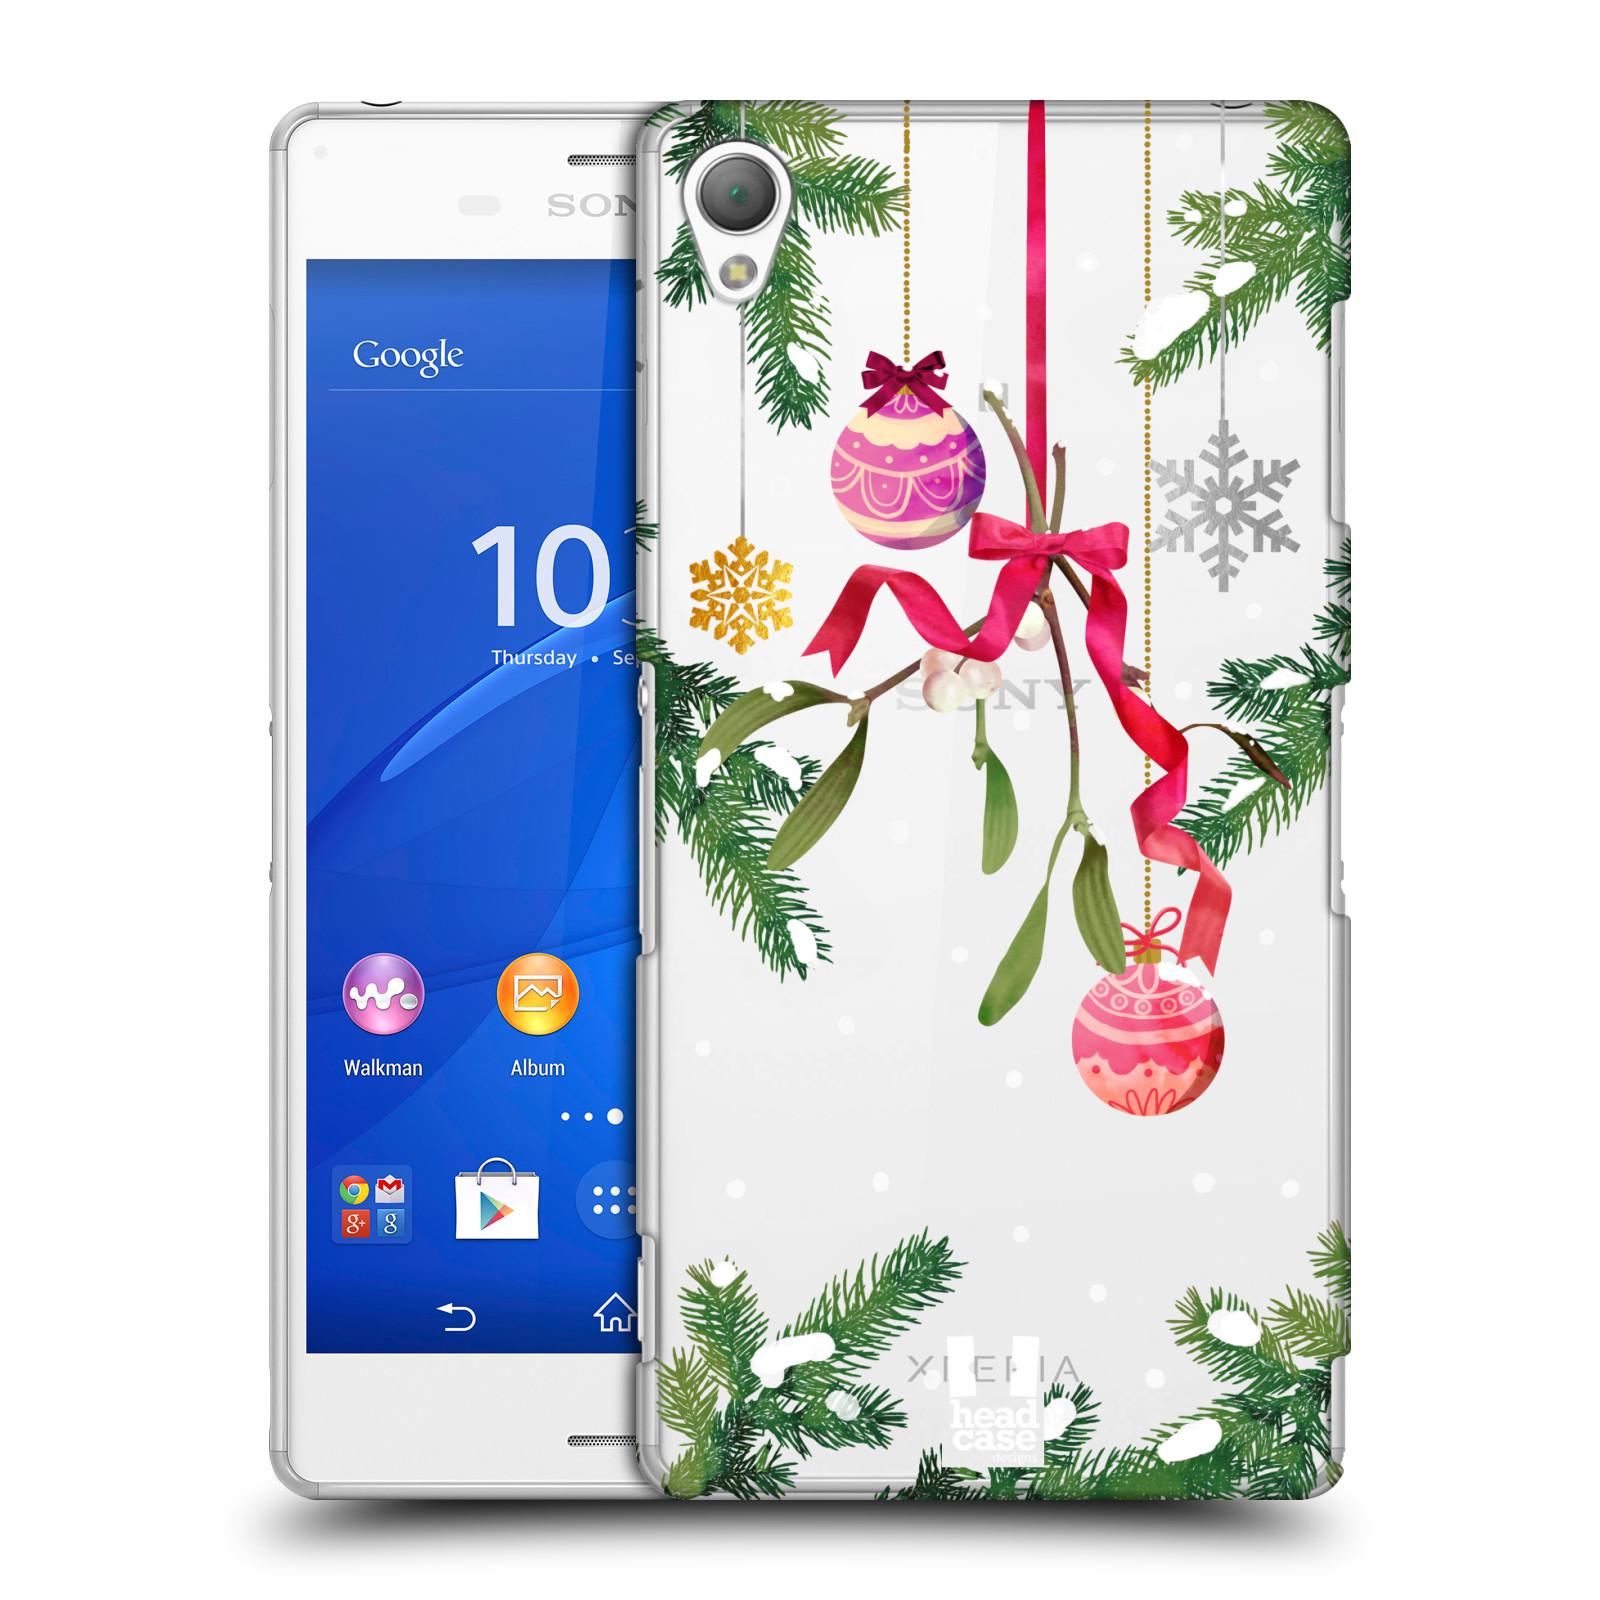 Plastové pouzdro na mobil Sony Xperia Z3 D6603 - Head Case - Větvičky a vánoční ozdoby